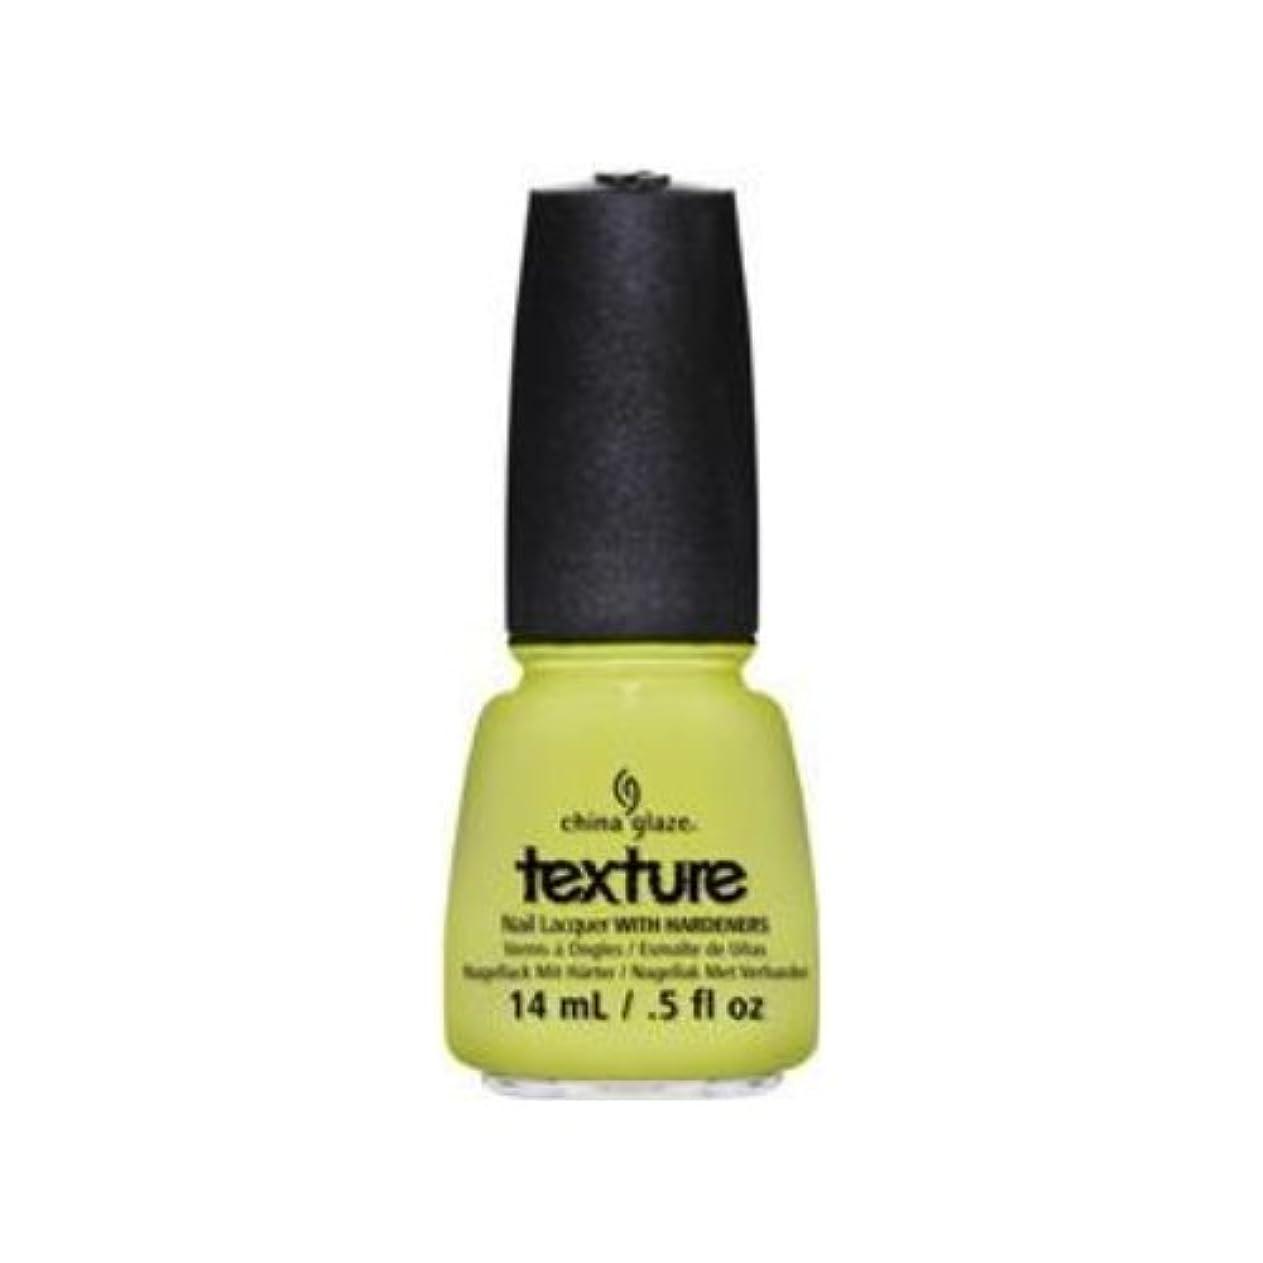 風邪をひく研磨無法者(6 Pack) CHINA GLAZE Texture Nail Lacquers - In The Rough (並行輸入品)